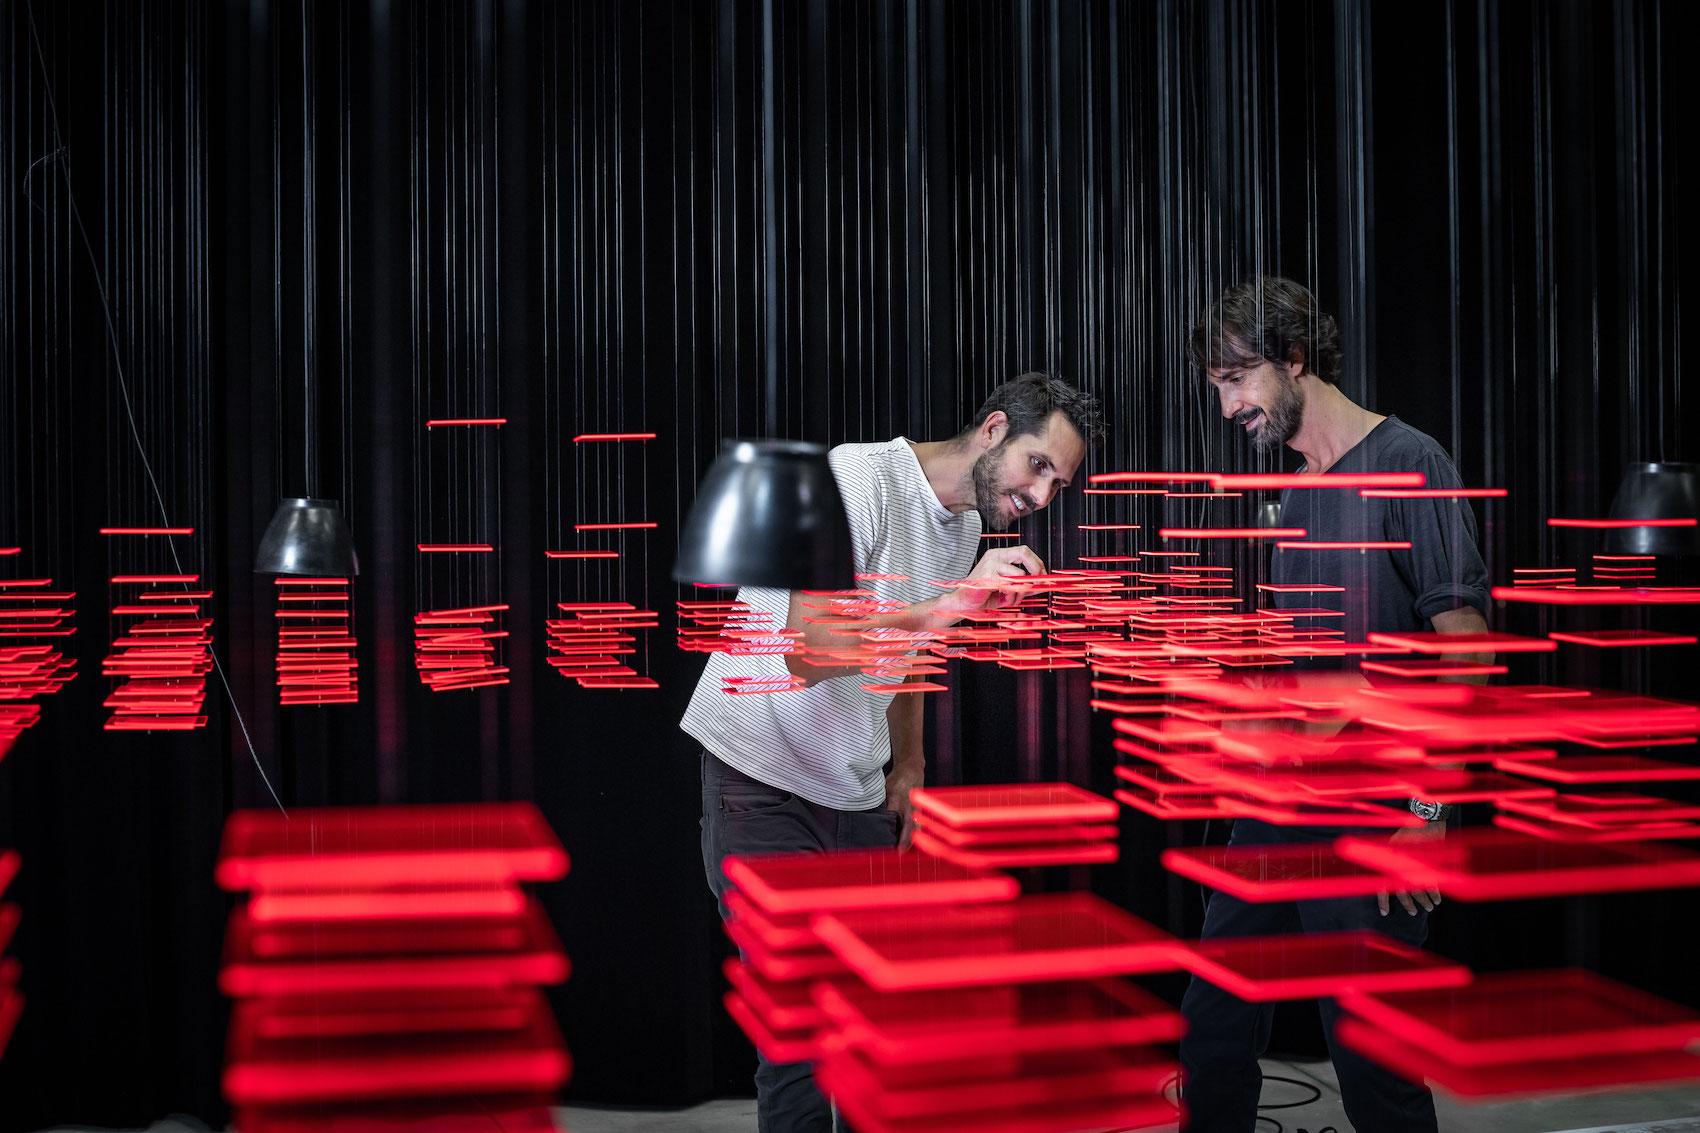 Florian Teuteberg (links) und Caspar Coppetti, hier in der Installation «Explorative Spatial Analysis» (2018) von Nadine Prigann an der Zürcher Hochschule der Künste (ZHdK).